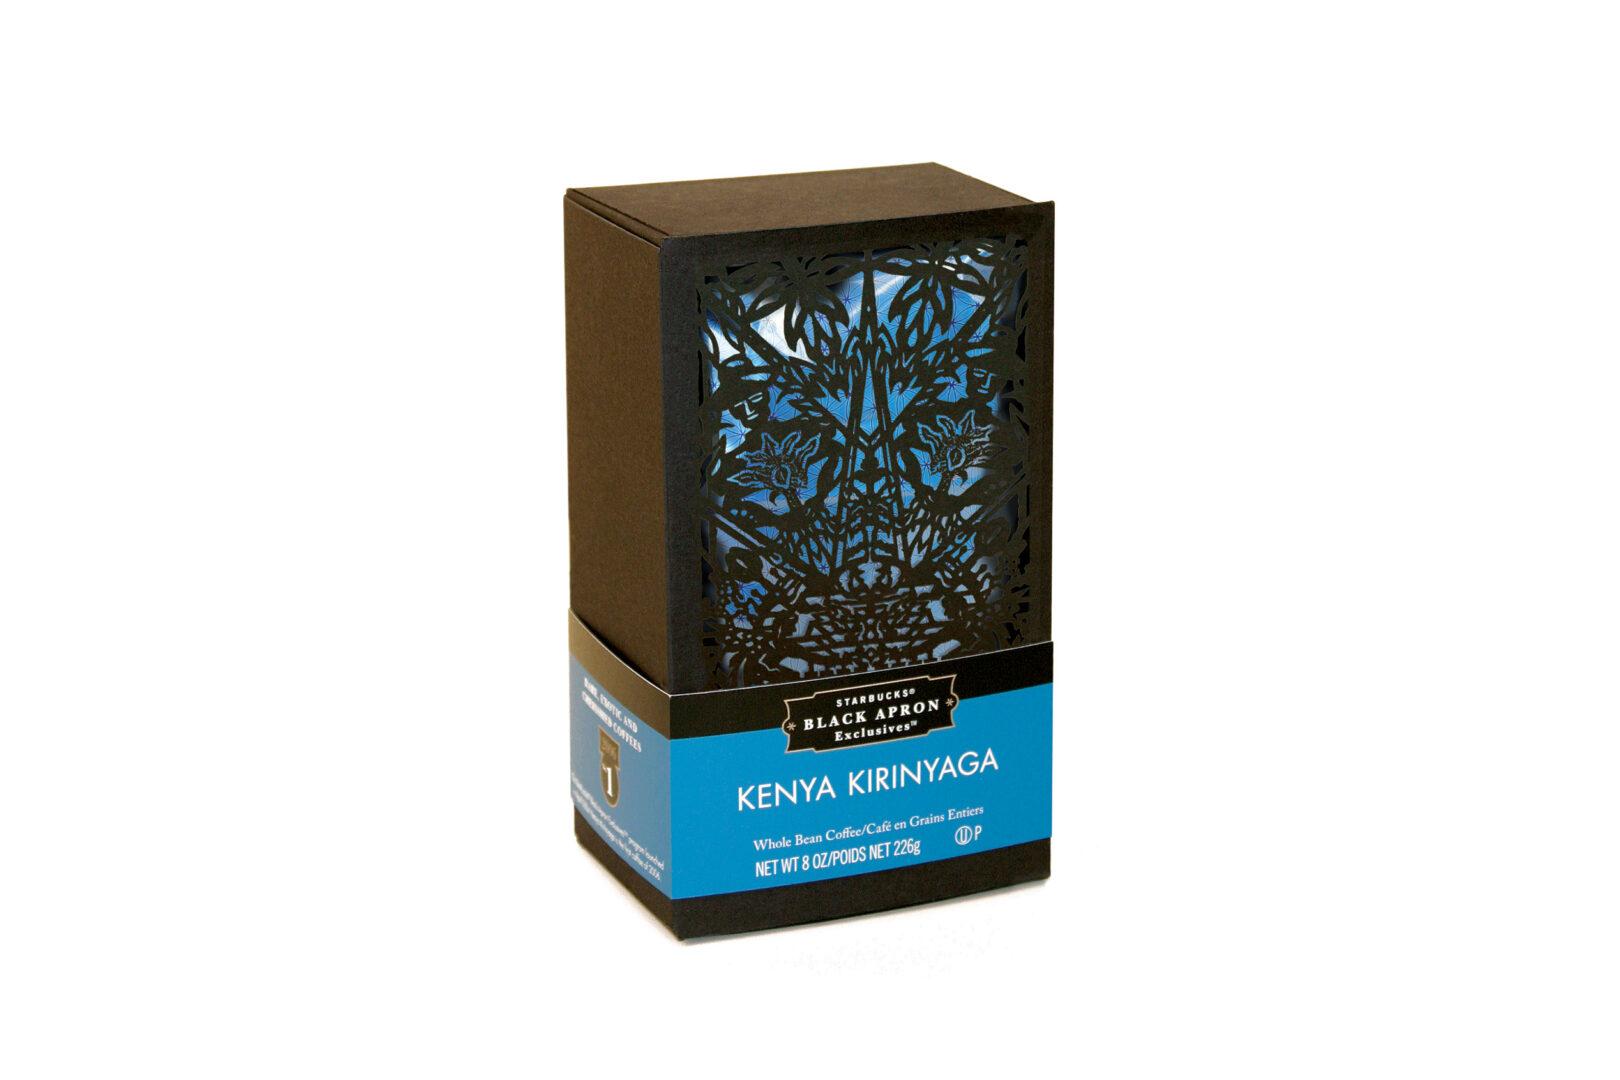 Starbucks Black Apron Exclusives Coffee, Kenya Kirinyaga